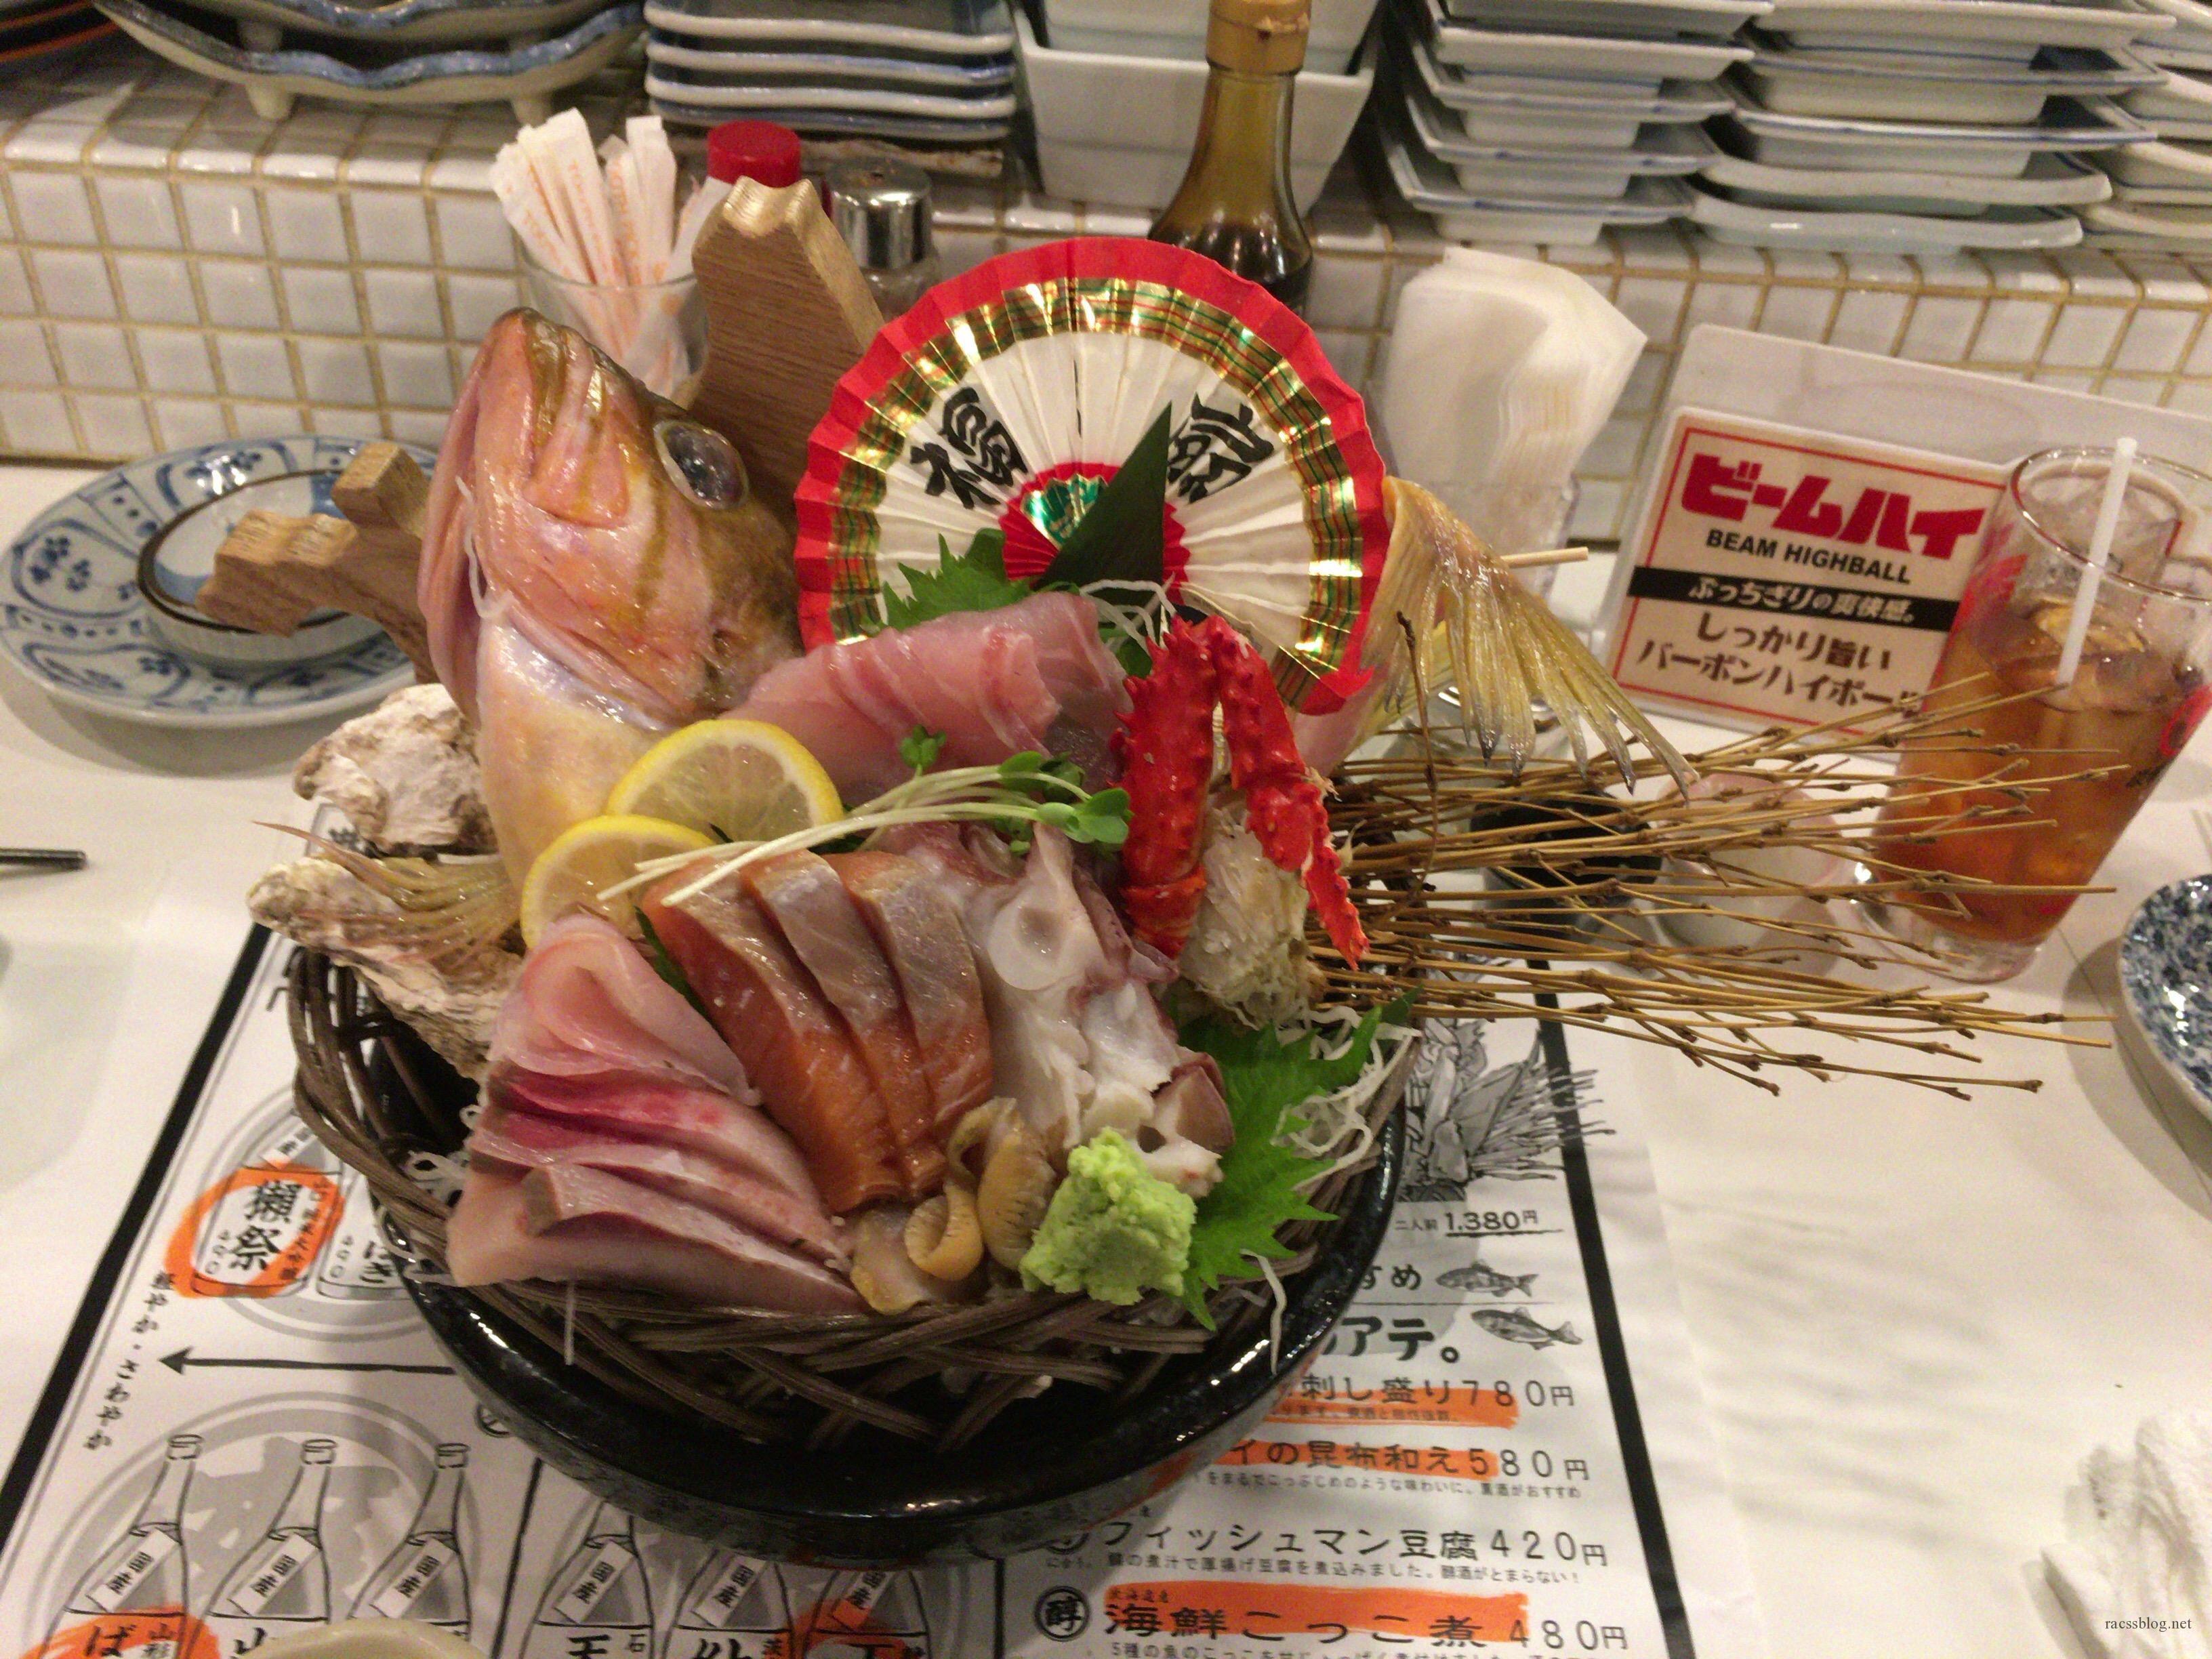 もんきち商店で北海道の海鮮を注文。安くてフレンドリーなお店です